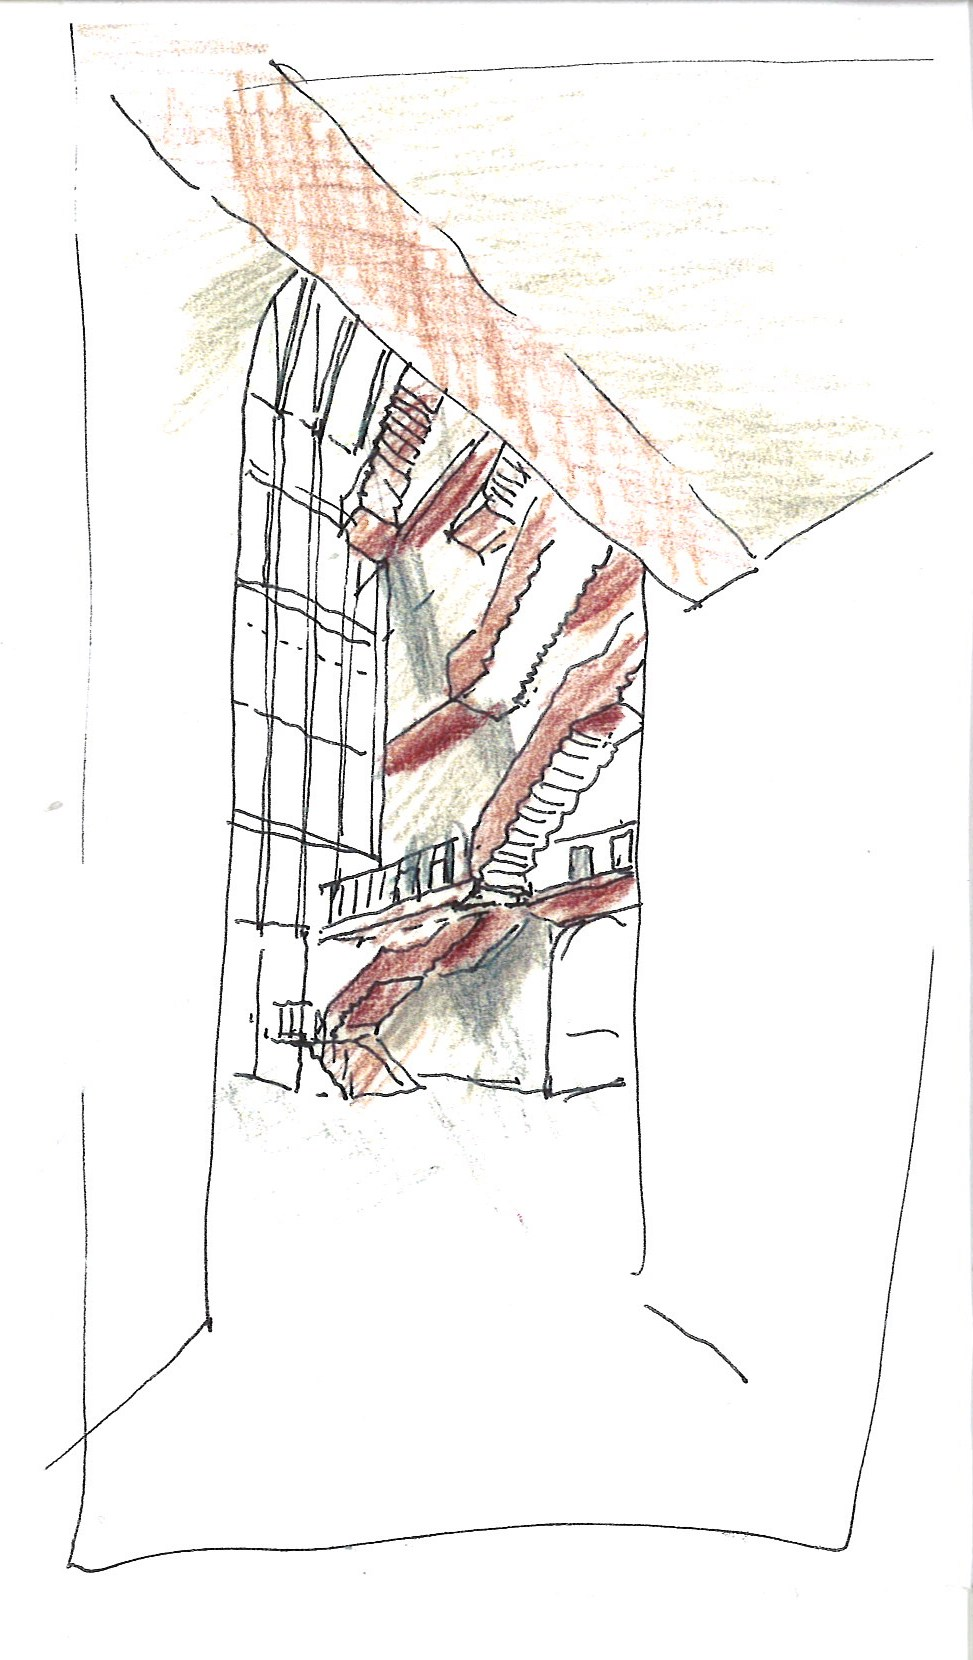 skicc_03_sod_sketch_perspective_1_v1